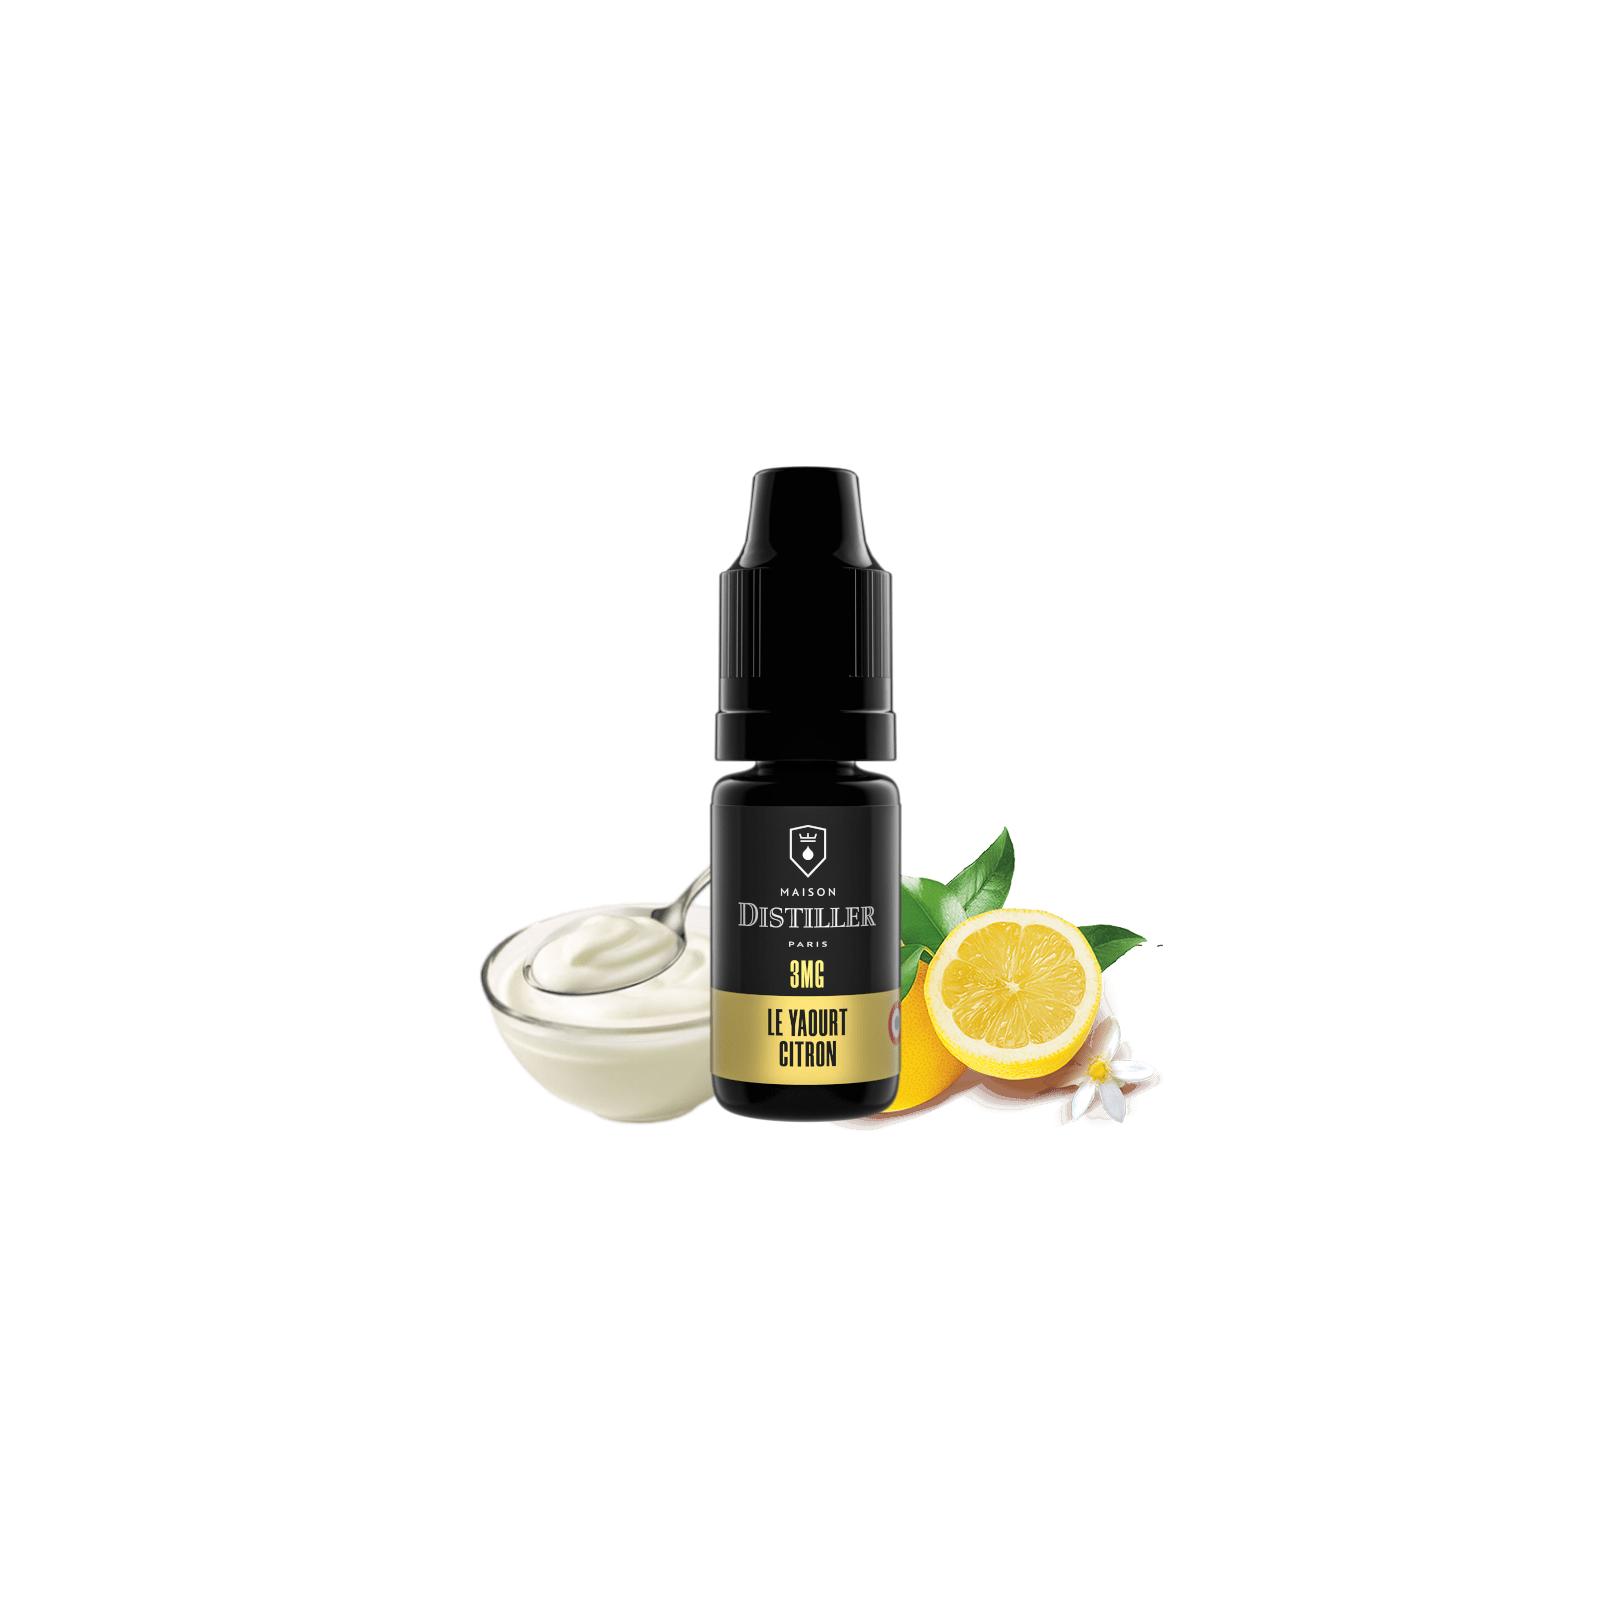 Le Yaourt Citron 10ml - Le Distiller